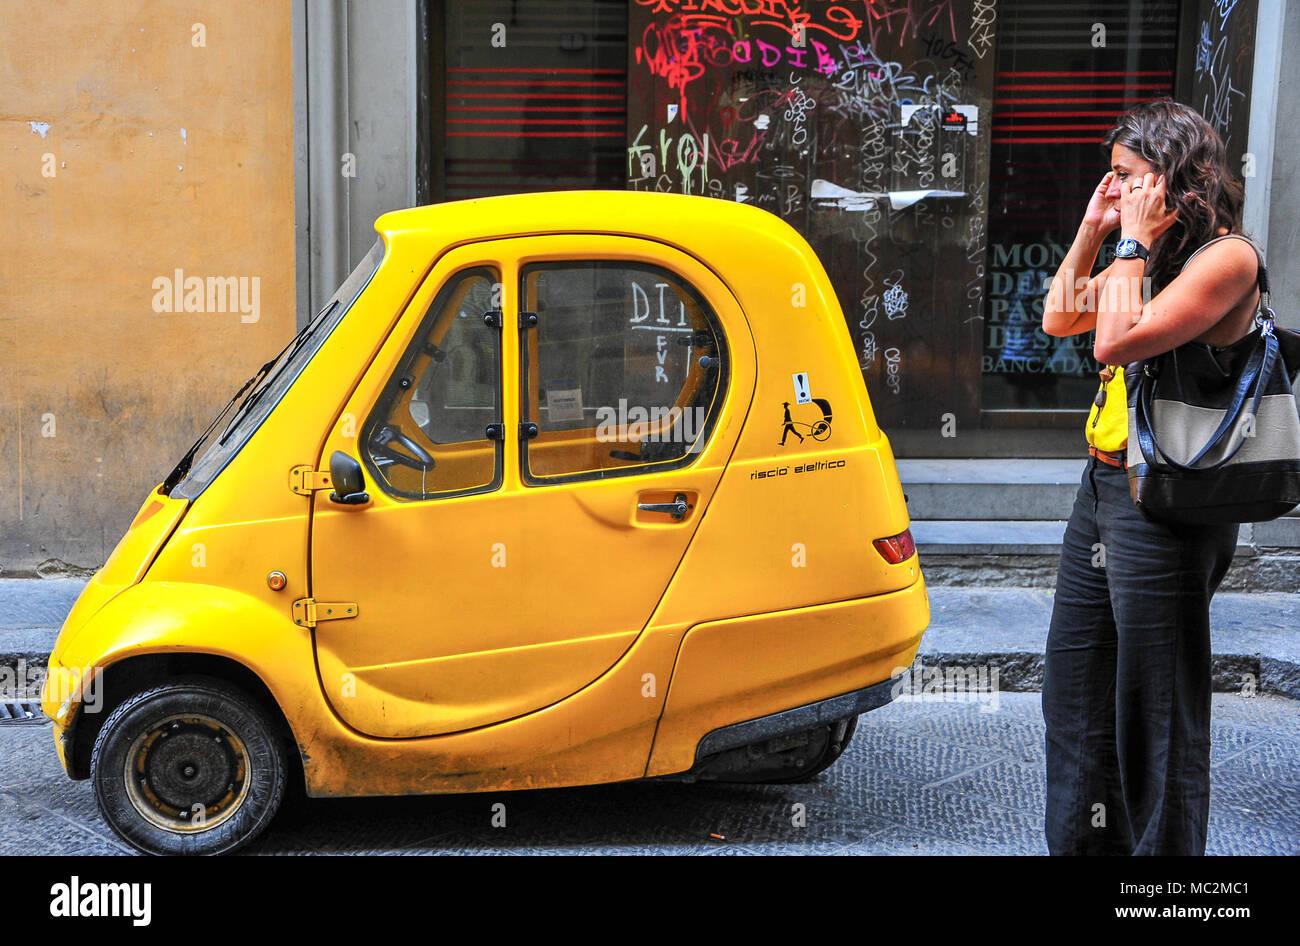 Florenz, Italien: Straßenbild, junge Frau, die in der Nähe von hellen gelben Auto, am Telefon sprechen Stockbild